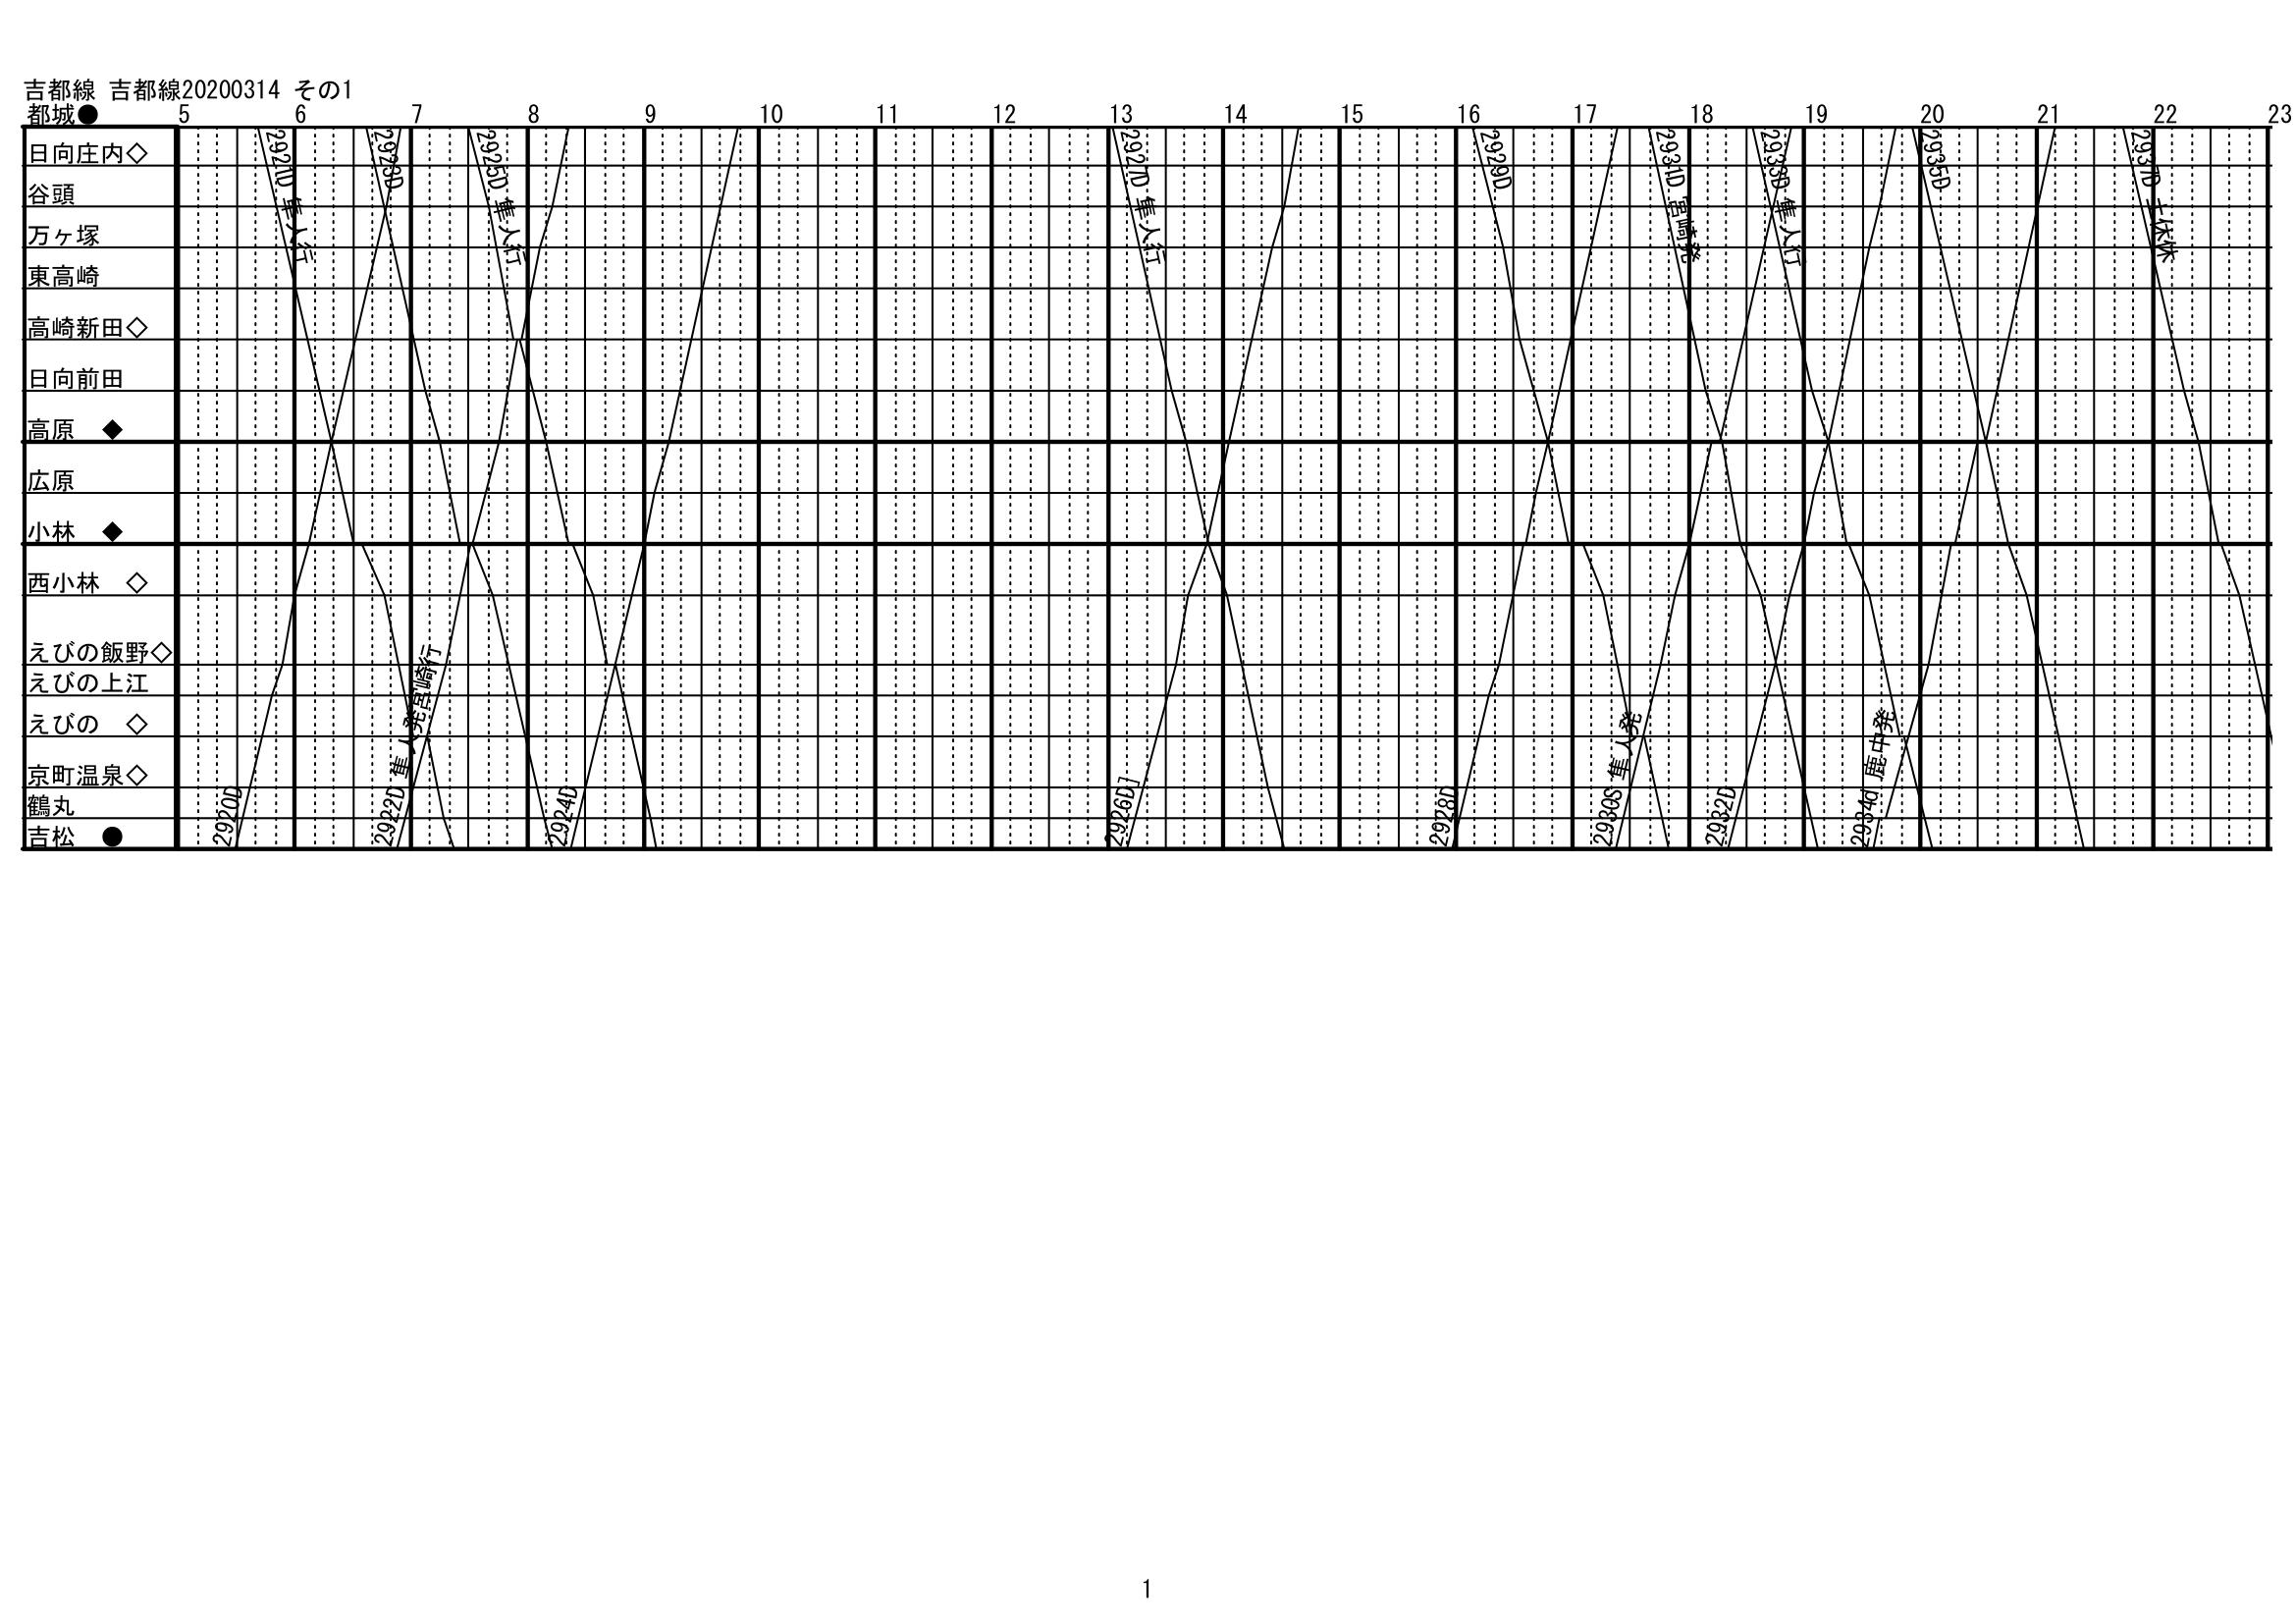 2020031吉都線